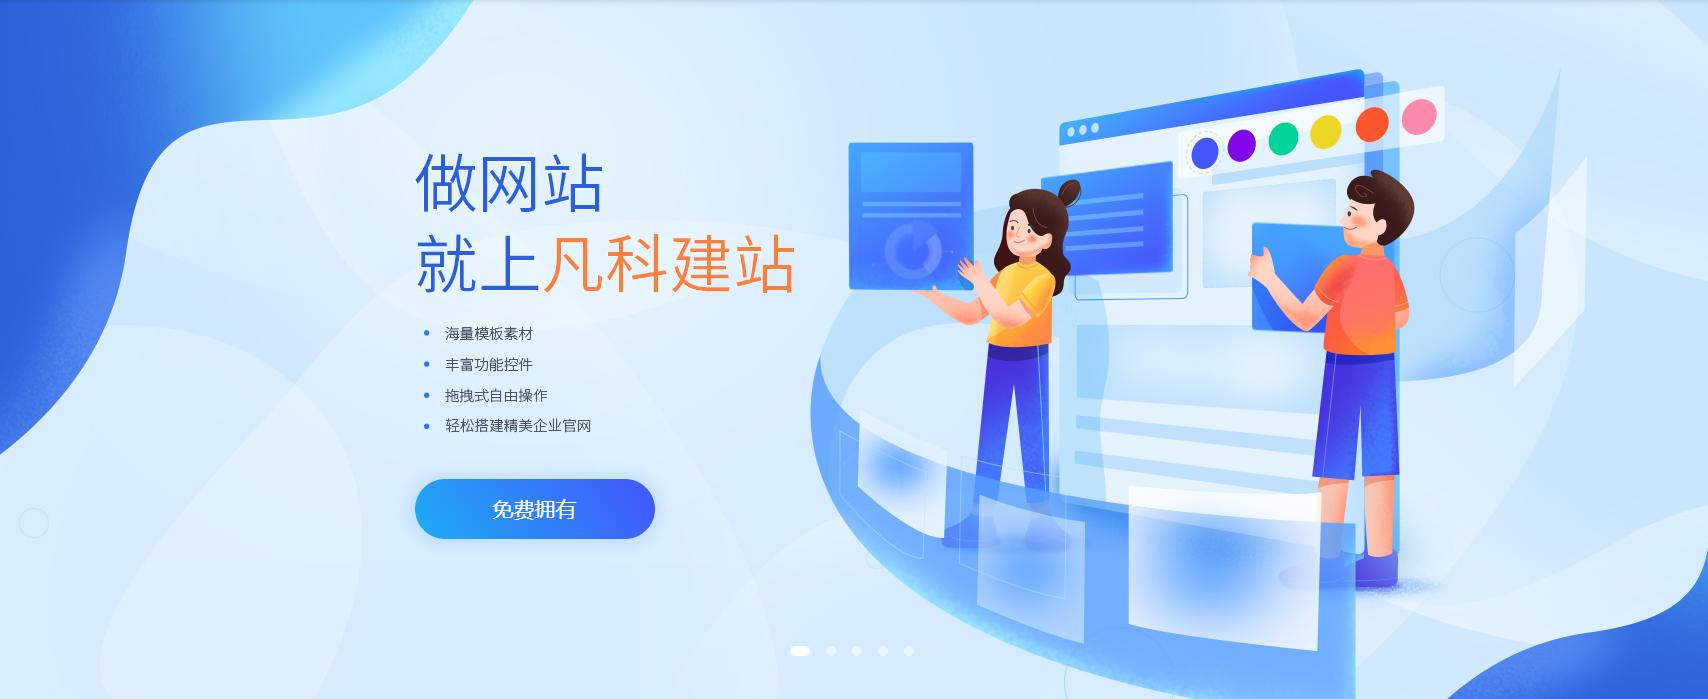 企业官方网页制作